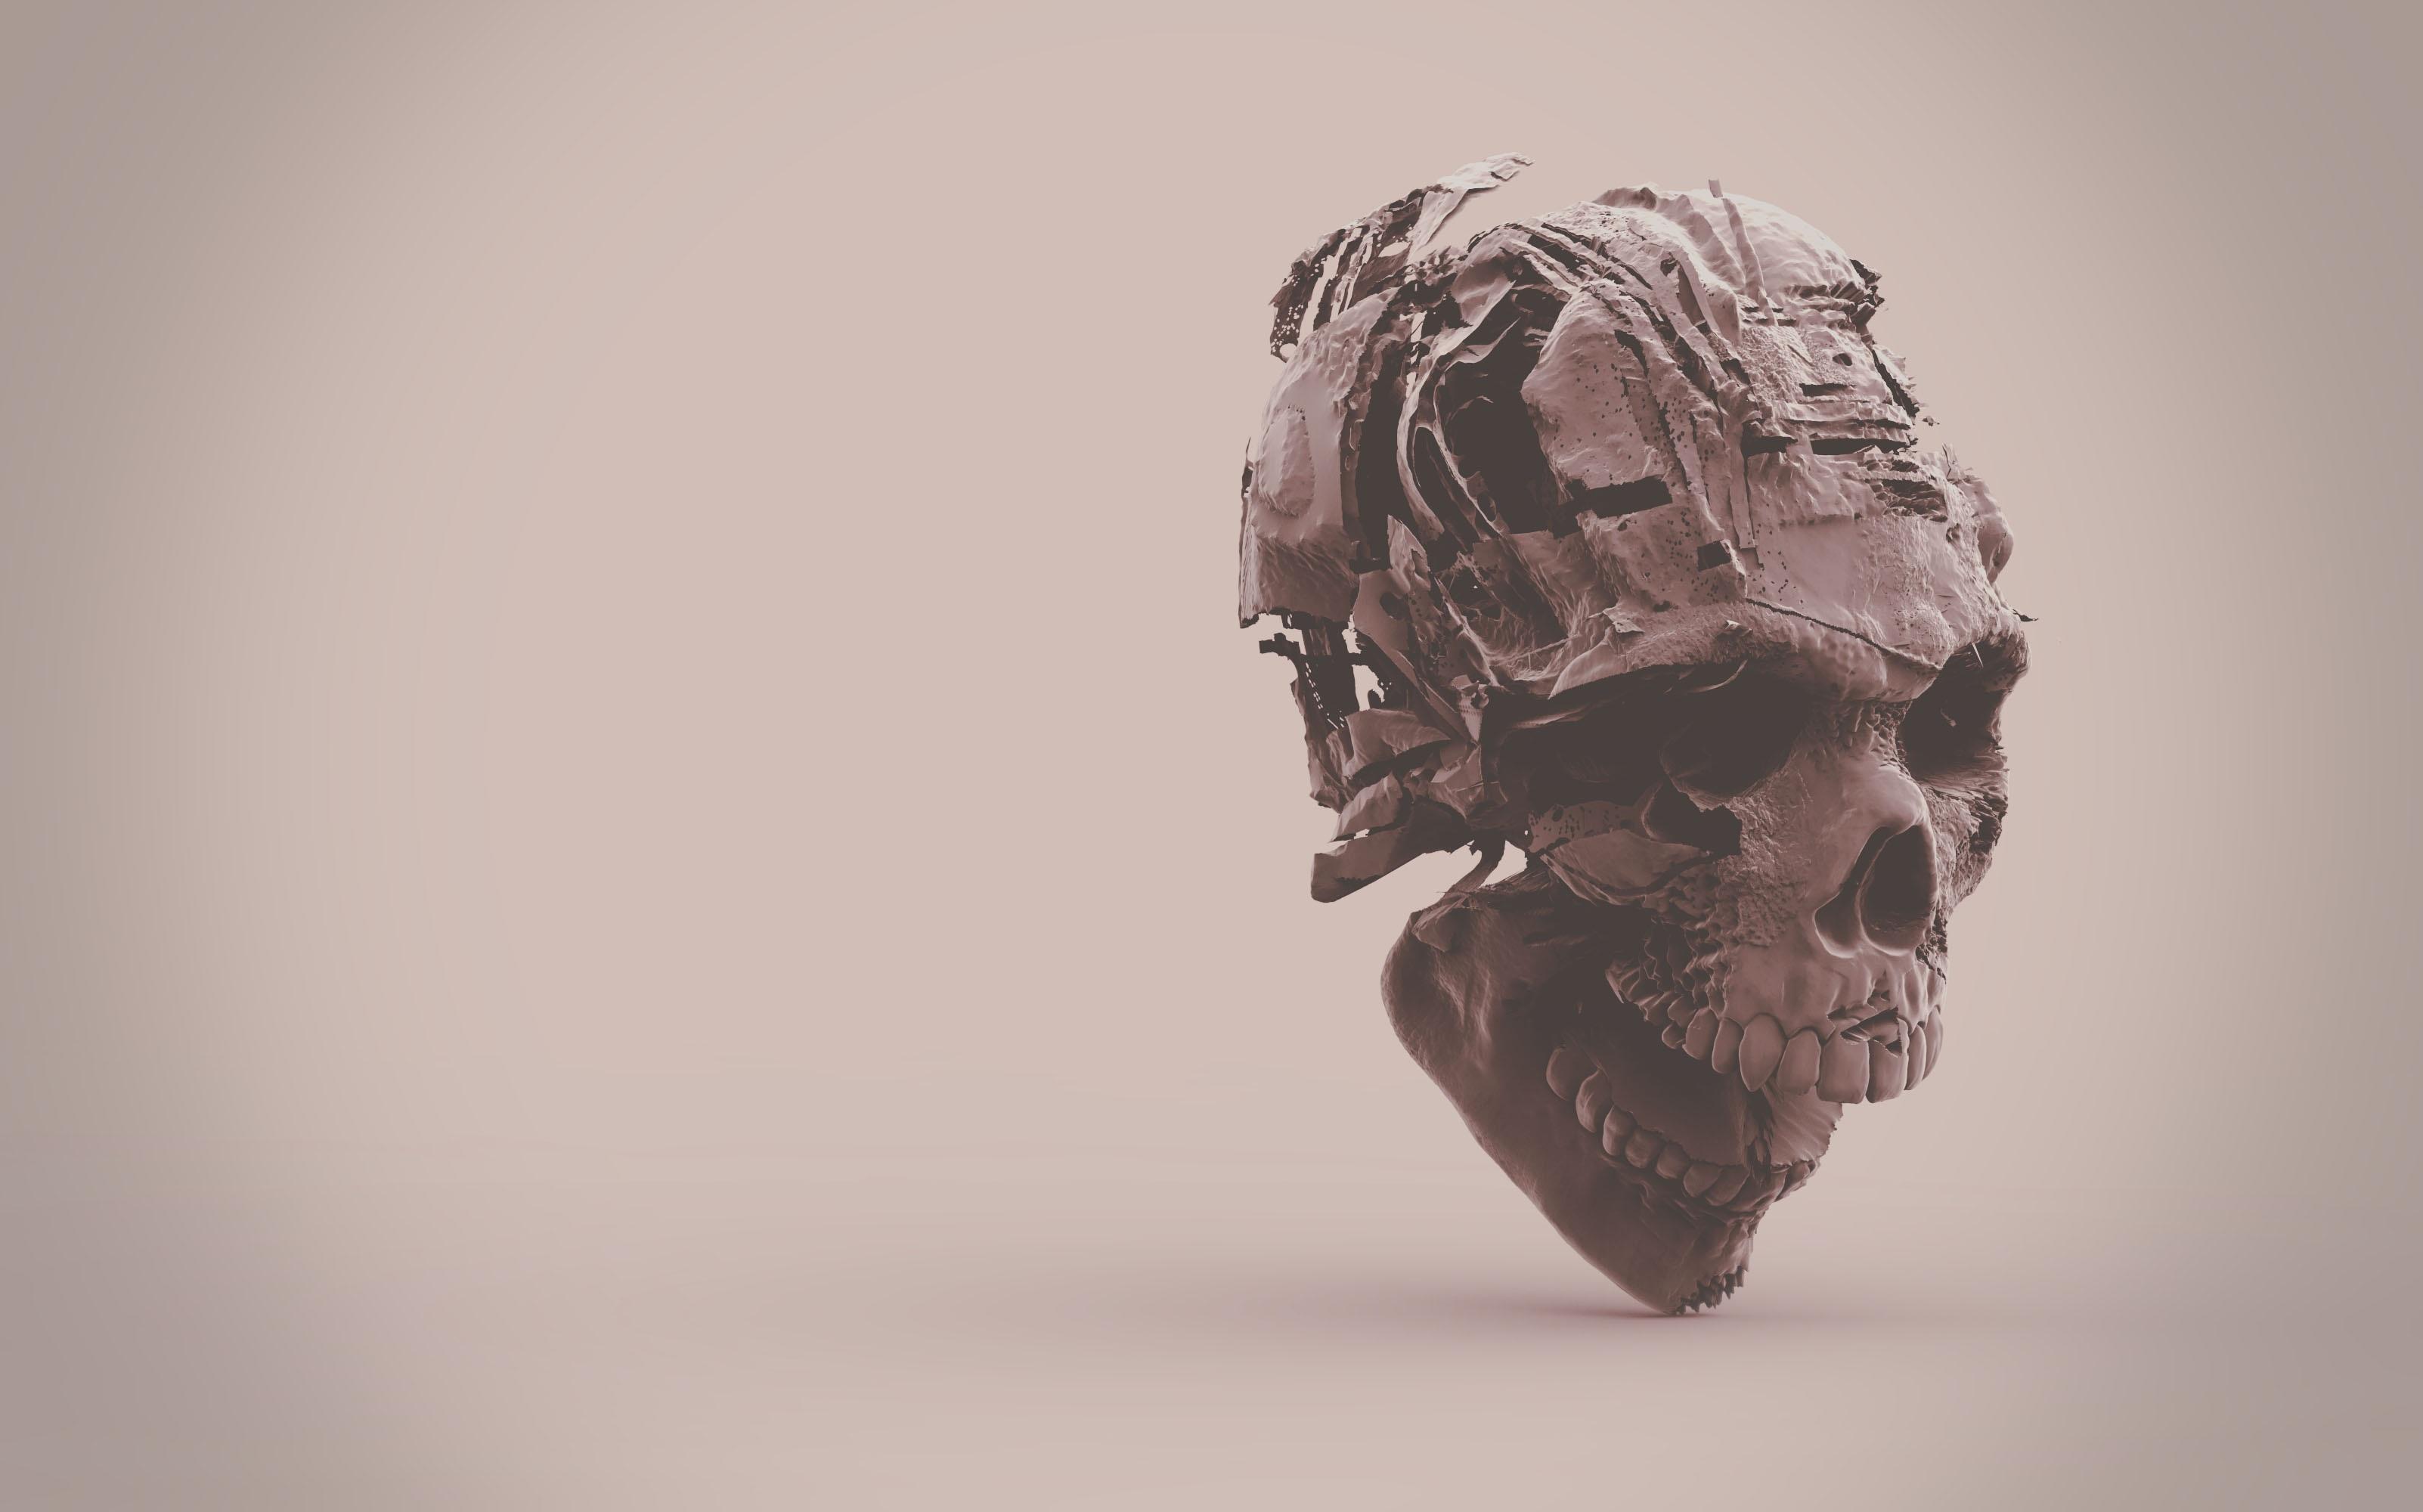 Fotos gratis : mano, cráneo, hueso, de cerca, cuerpo humano ...